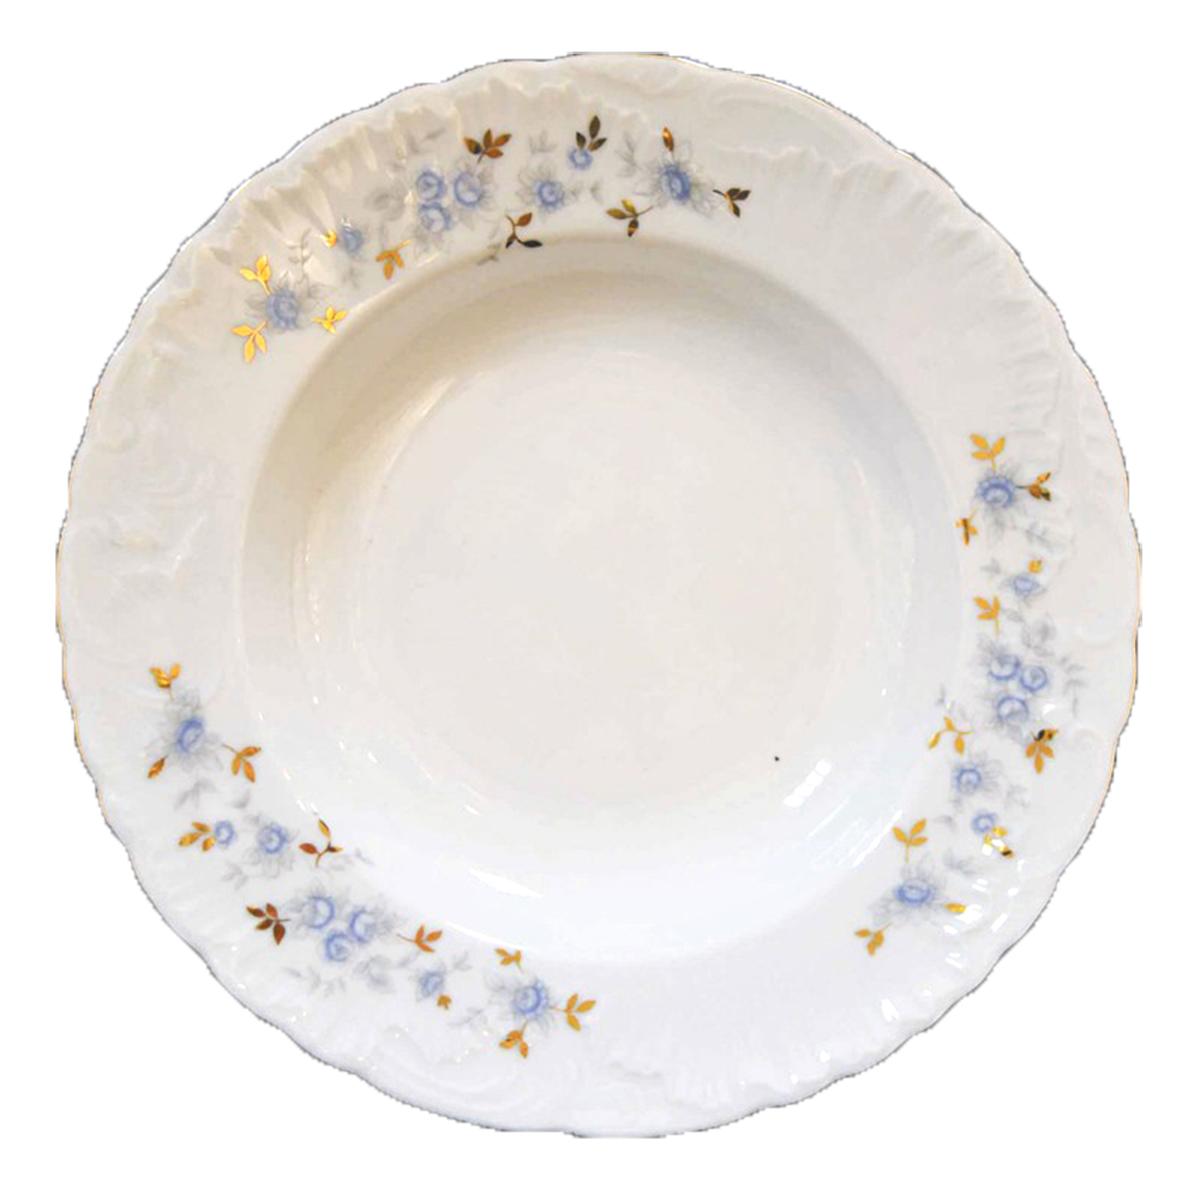 Тарелка глубокая Cmielow Rococo. Голубой цветок, диаметр 22,5 см3006033 9706 blue-Тарелка суповая 22,5 см. Серия Rococo - одна из старейших форм, производимых десятилетиями заводом Cmielow. Это пример исторической актуальности заложенной в элегантную форму. Органические линии и декоративные украшения с асимметричной формой, напоминающей раковины, представляют собой значок стиля. Rococo - лучшее доказательство вневременности классических образцов польского фарфора. Коллекция, которая изящно дополняет столы, оформленные в традиционном и современном стиле. Тарелка изготовлена из высококачественного польского фарфора и украшены рисунком в стиле Голубой Цветок.